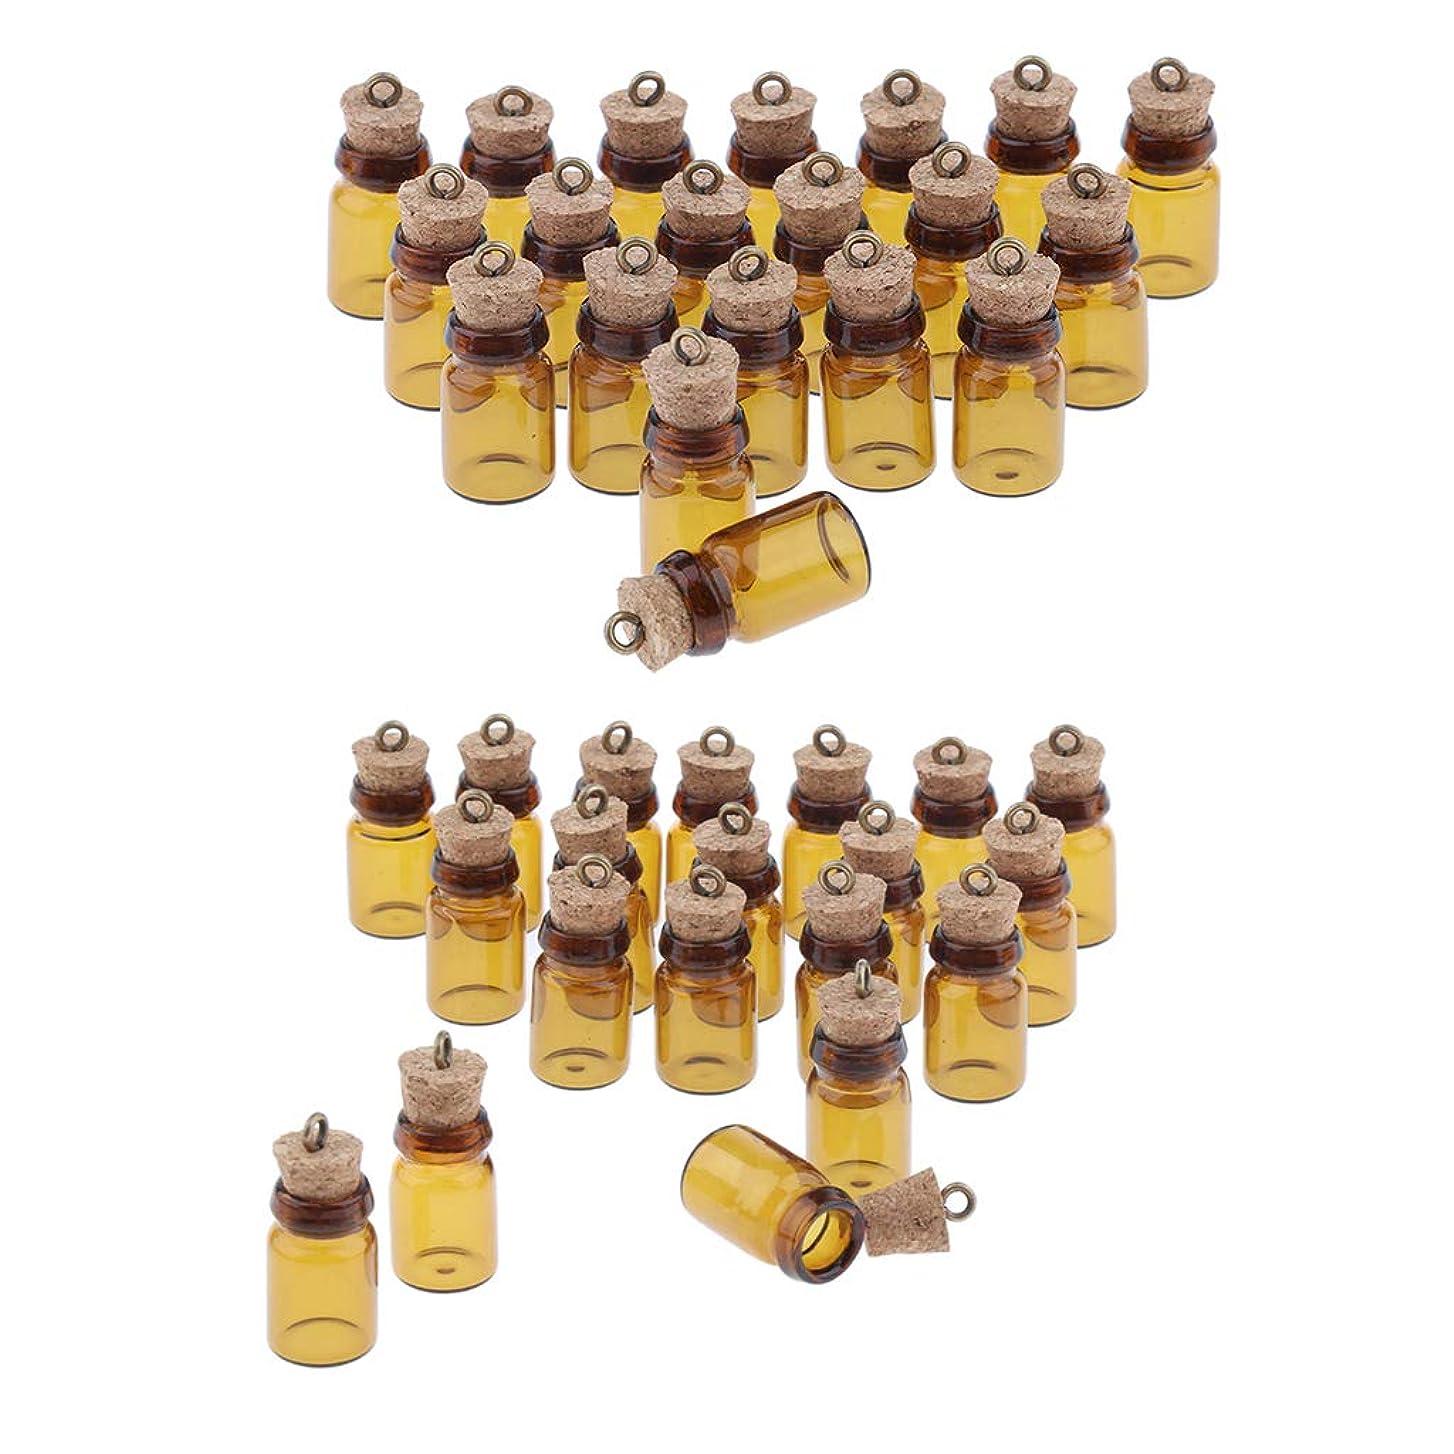 タフ愛撫ブラウスgazechimp 遮光瓶 アロマボトル 精油 香水 小分け用 セット 20本入り コルク栓付き アンバー ガラス